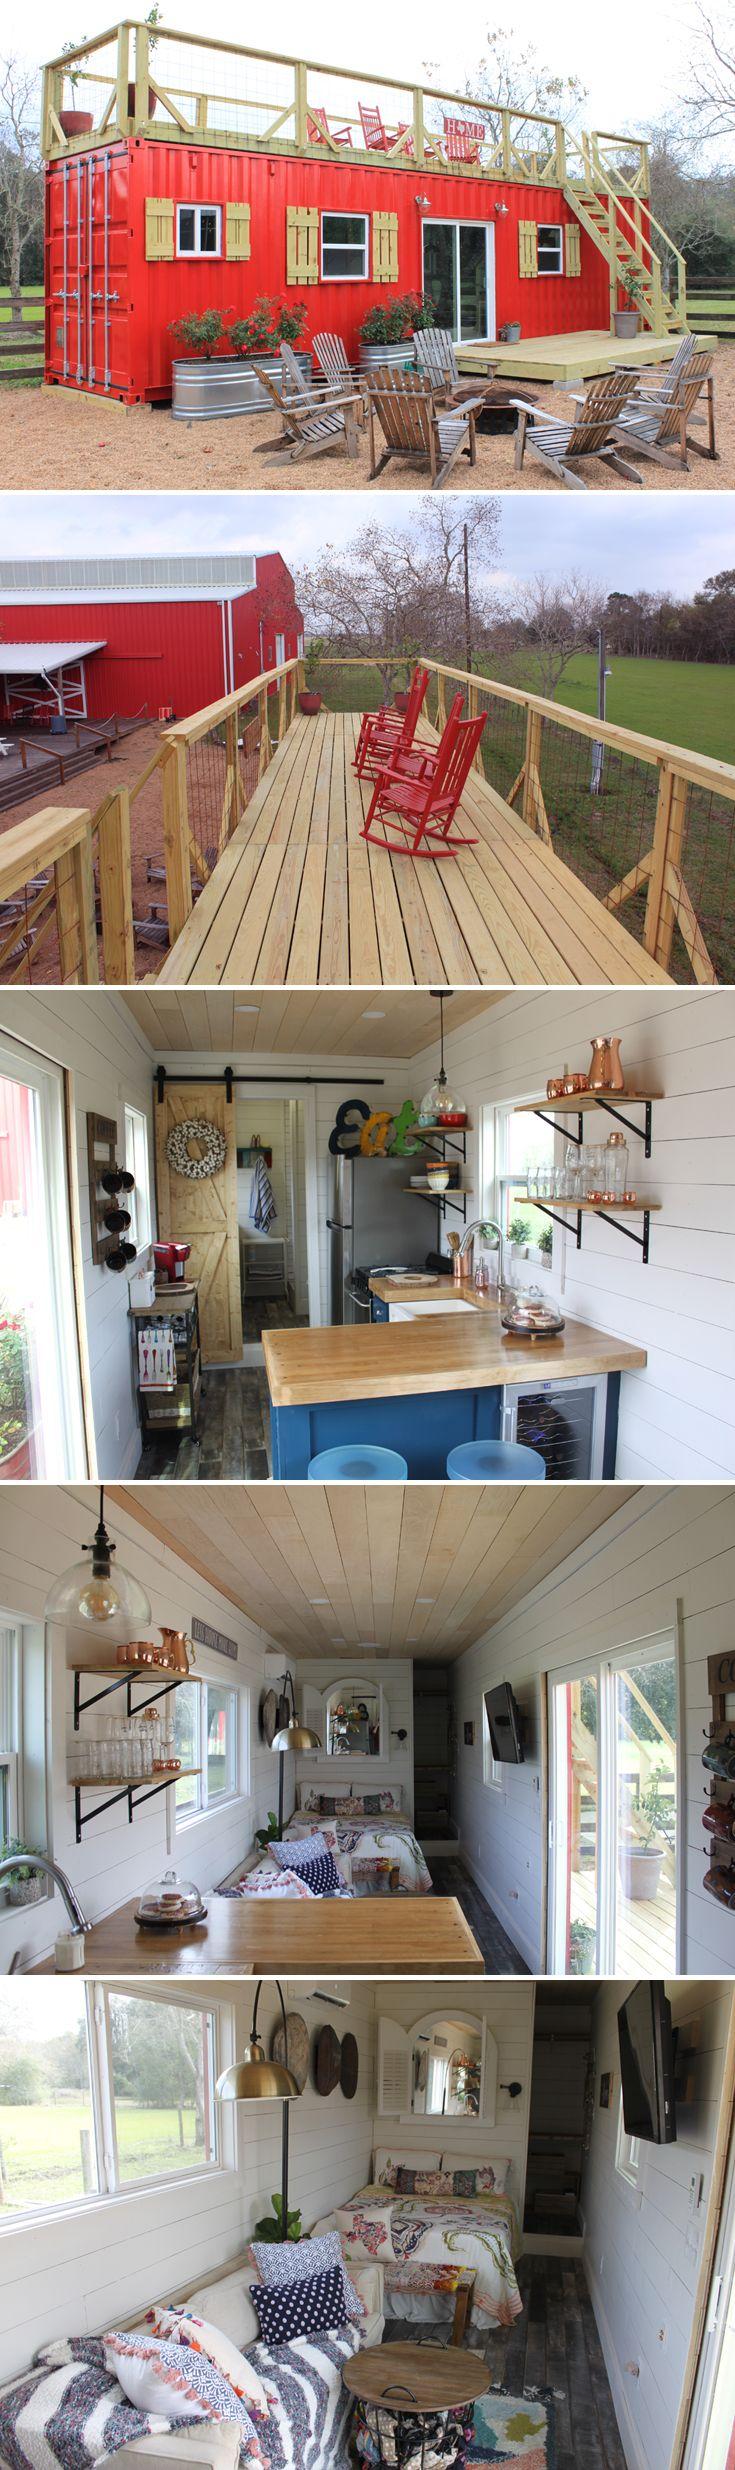 Salle De Bain Tiny House ~ id e d coration salle de bain a 40 shipping container tiny house